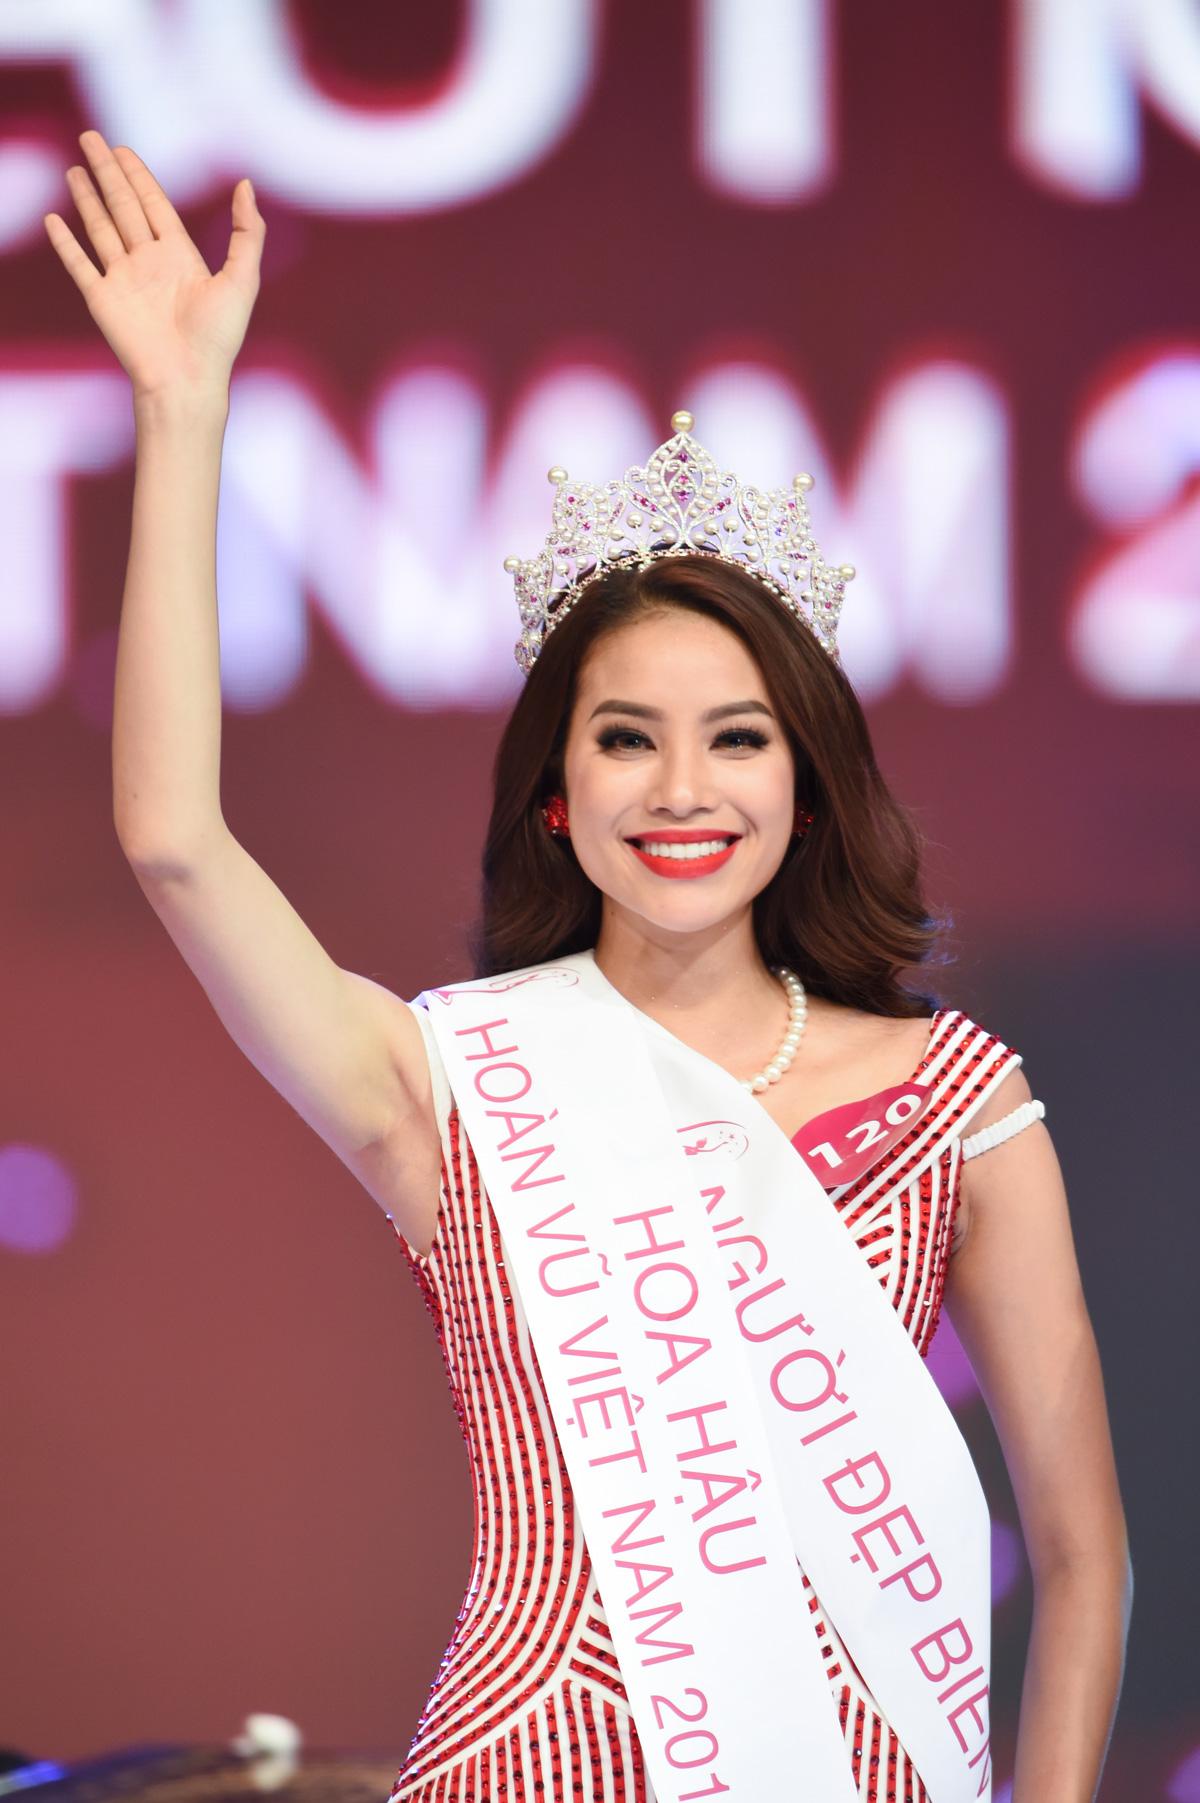 Ngoài  Phạm Hương  xinh đẹp và có gout thời trang đẳng cấp của Việt Nam ra thì  trong danh sách 50 người đẹp nhất còn có rất nhiều cái tên quen thuộc khác